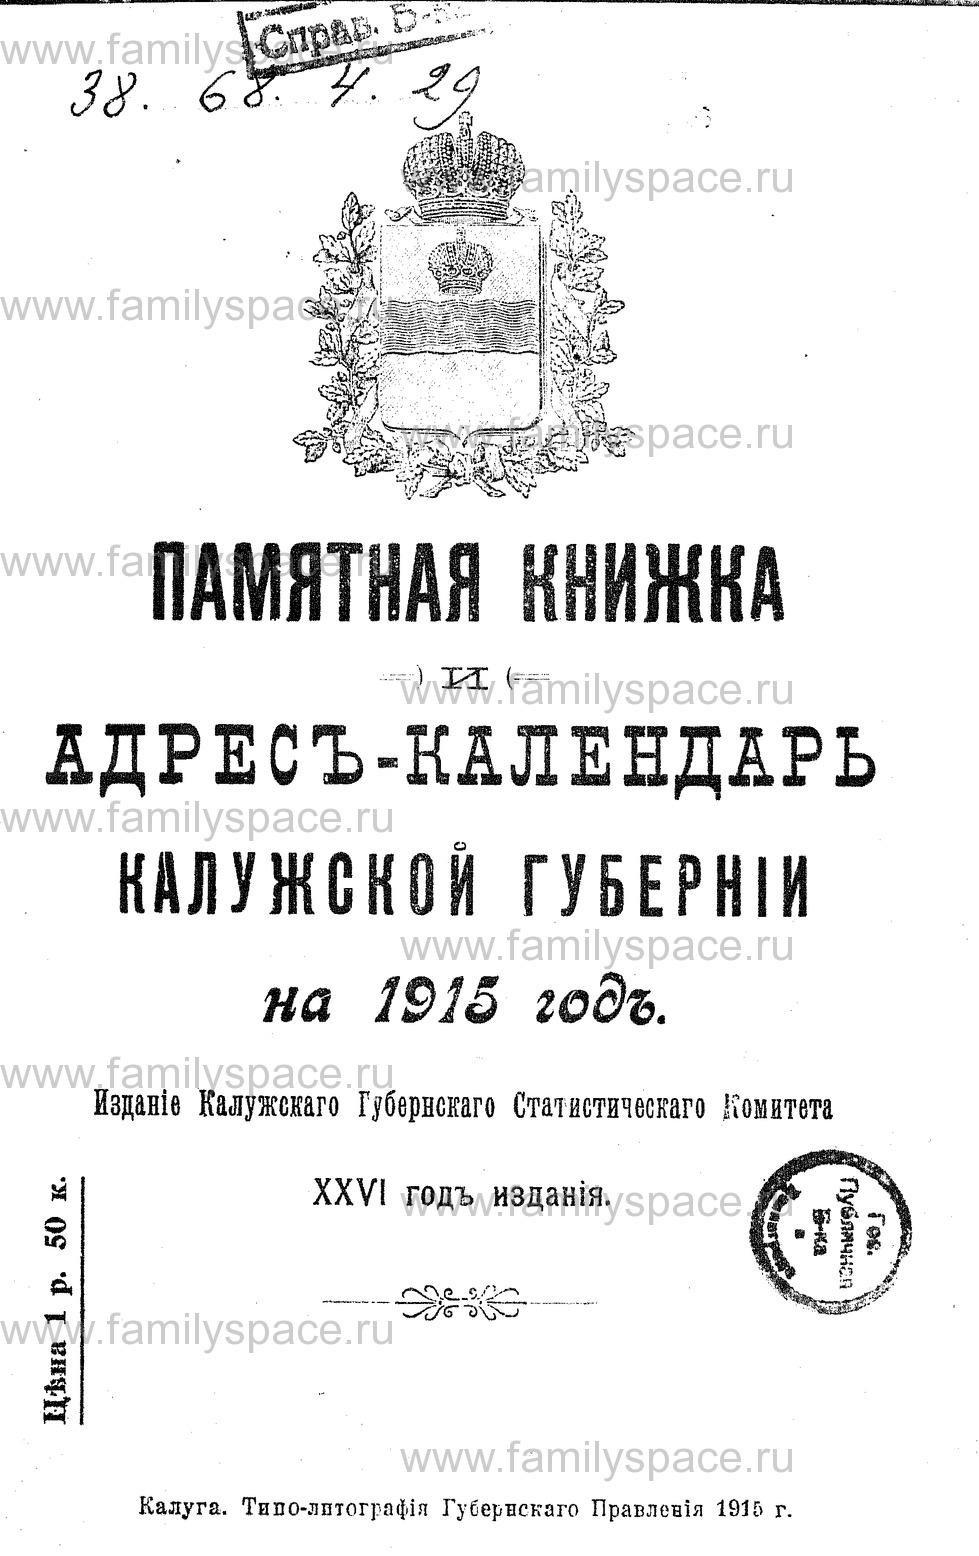 Поиск по фамилии - Памятная книжка и адрес-календарь Калужской губернии на 1915 г, страница 1